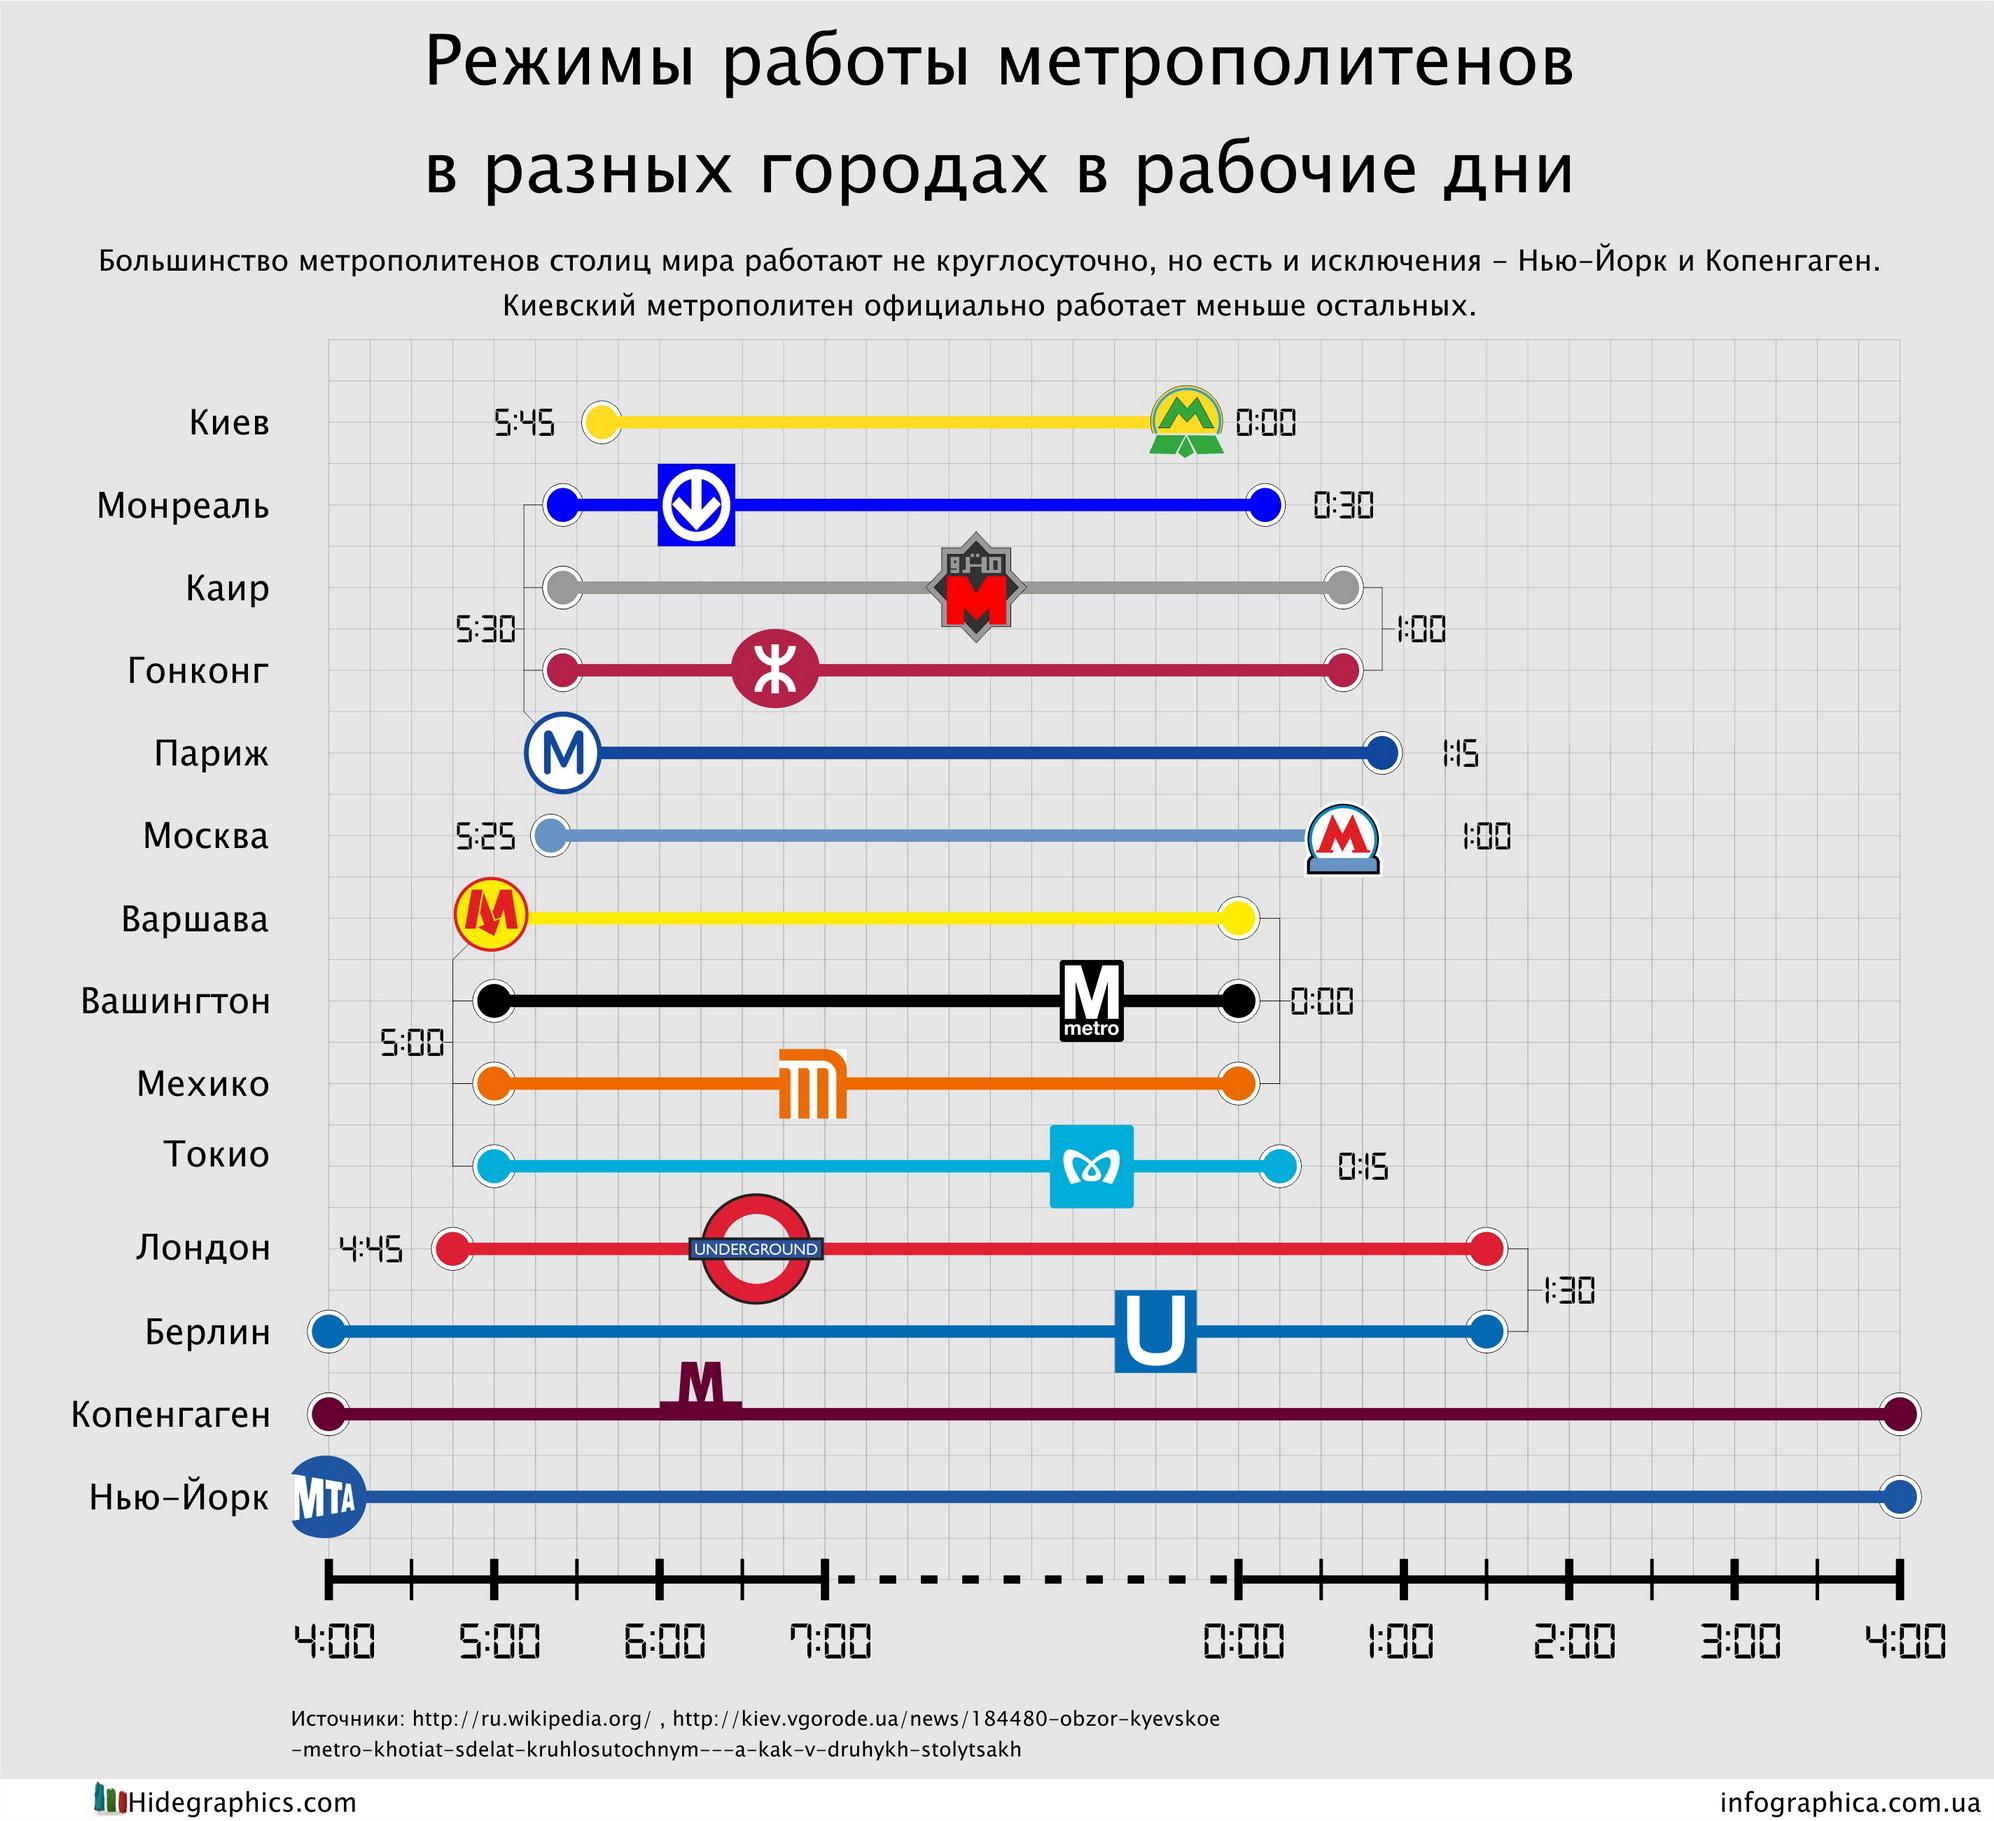 Расписание метро